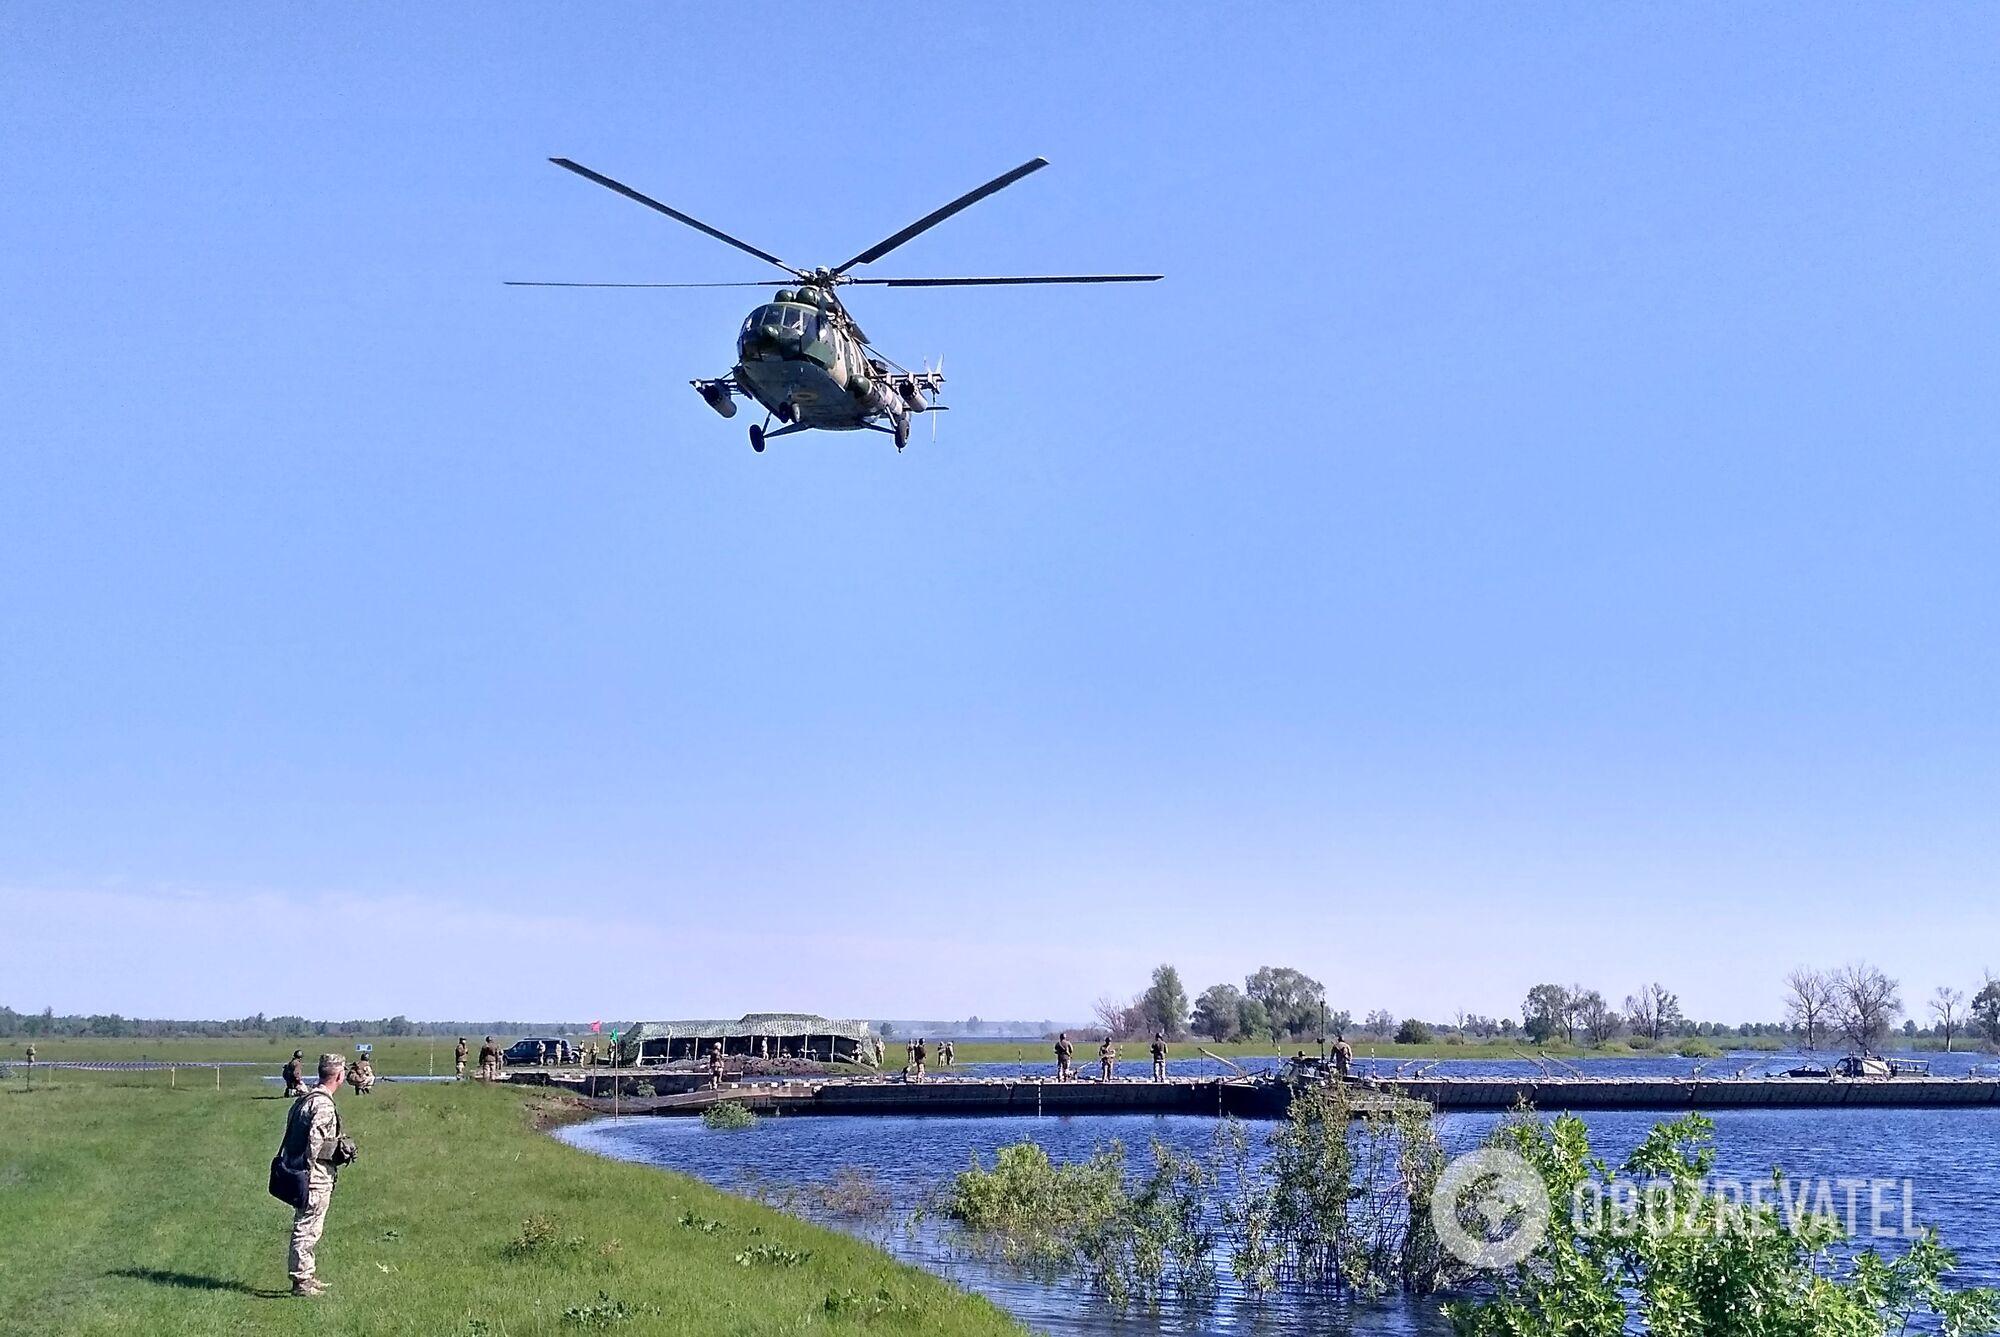 Кроме штатных подразделений бригады в учениях также были задействованы военнослужащие Центра инженерного обеспечения Главного управления оперативного обеспечения ВСУ, а также подразделение армейской авиации Сухопутных войск